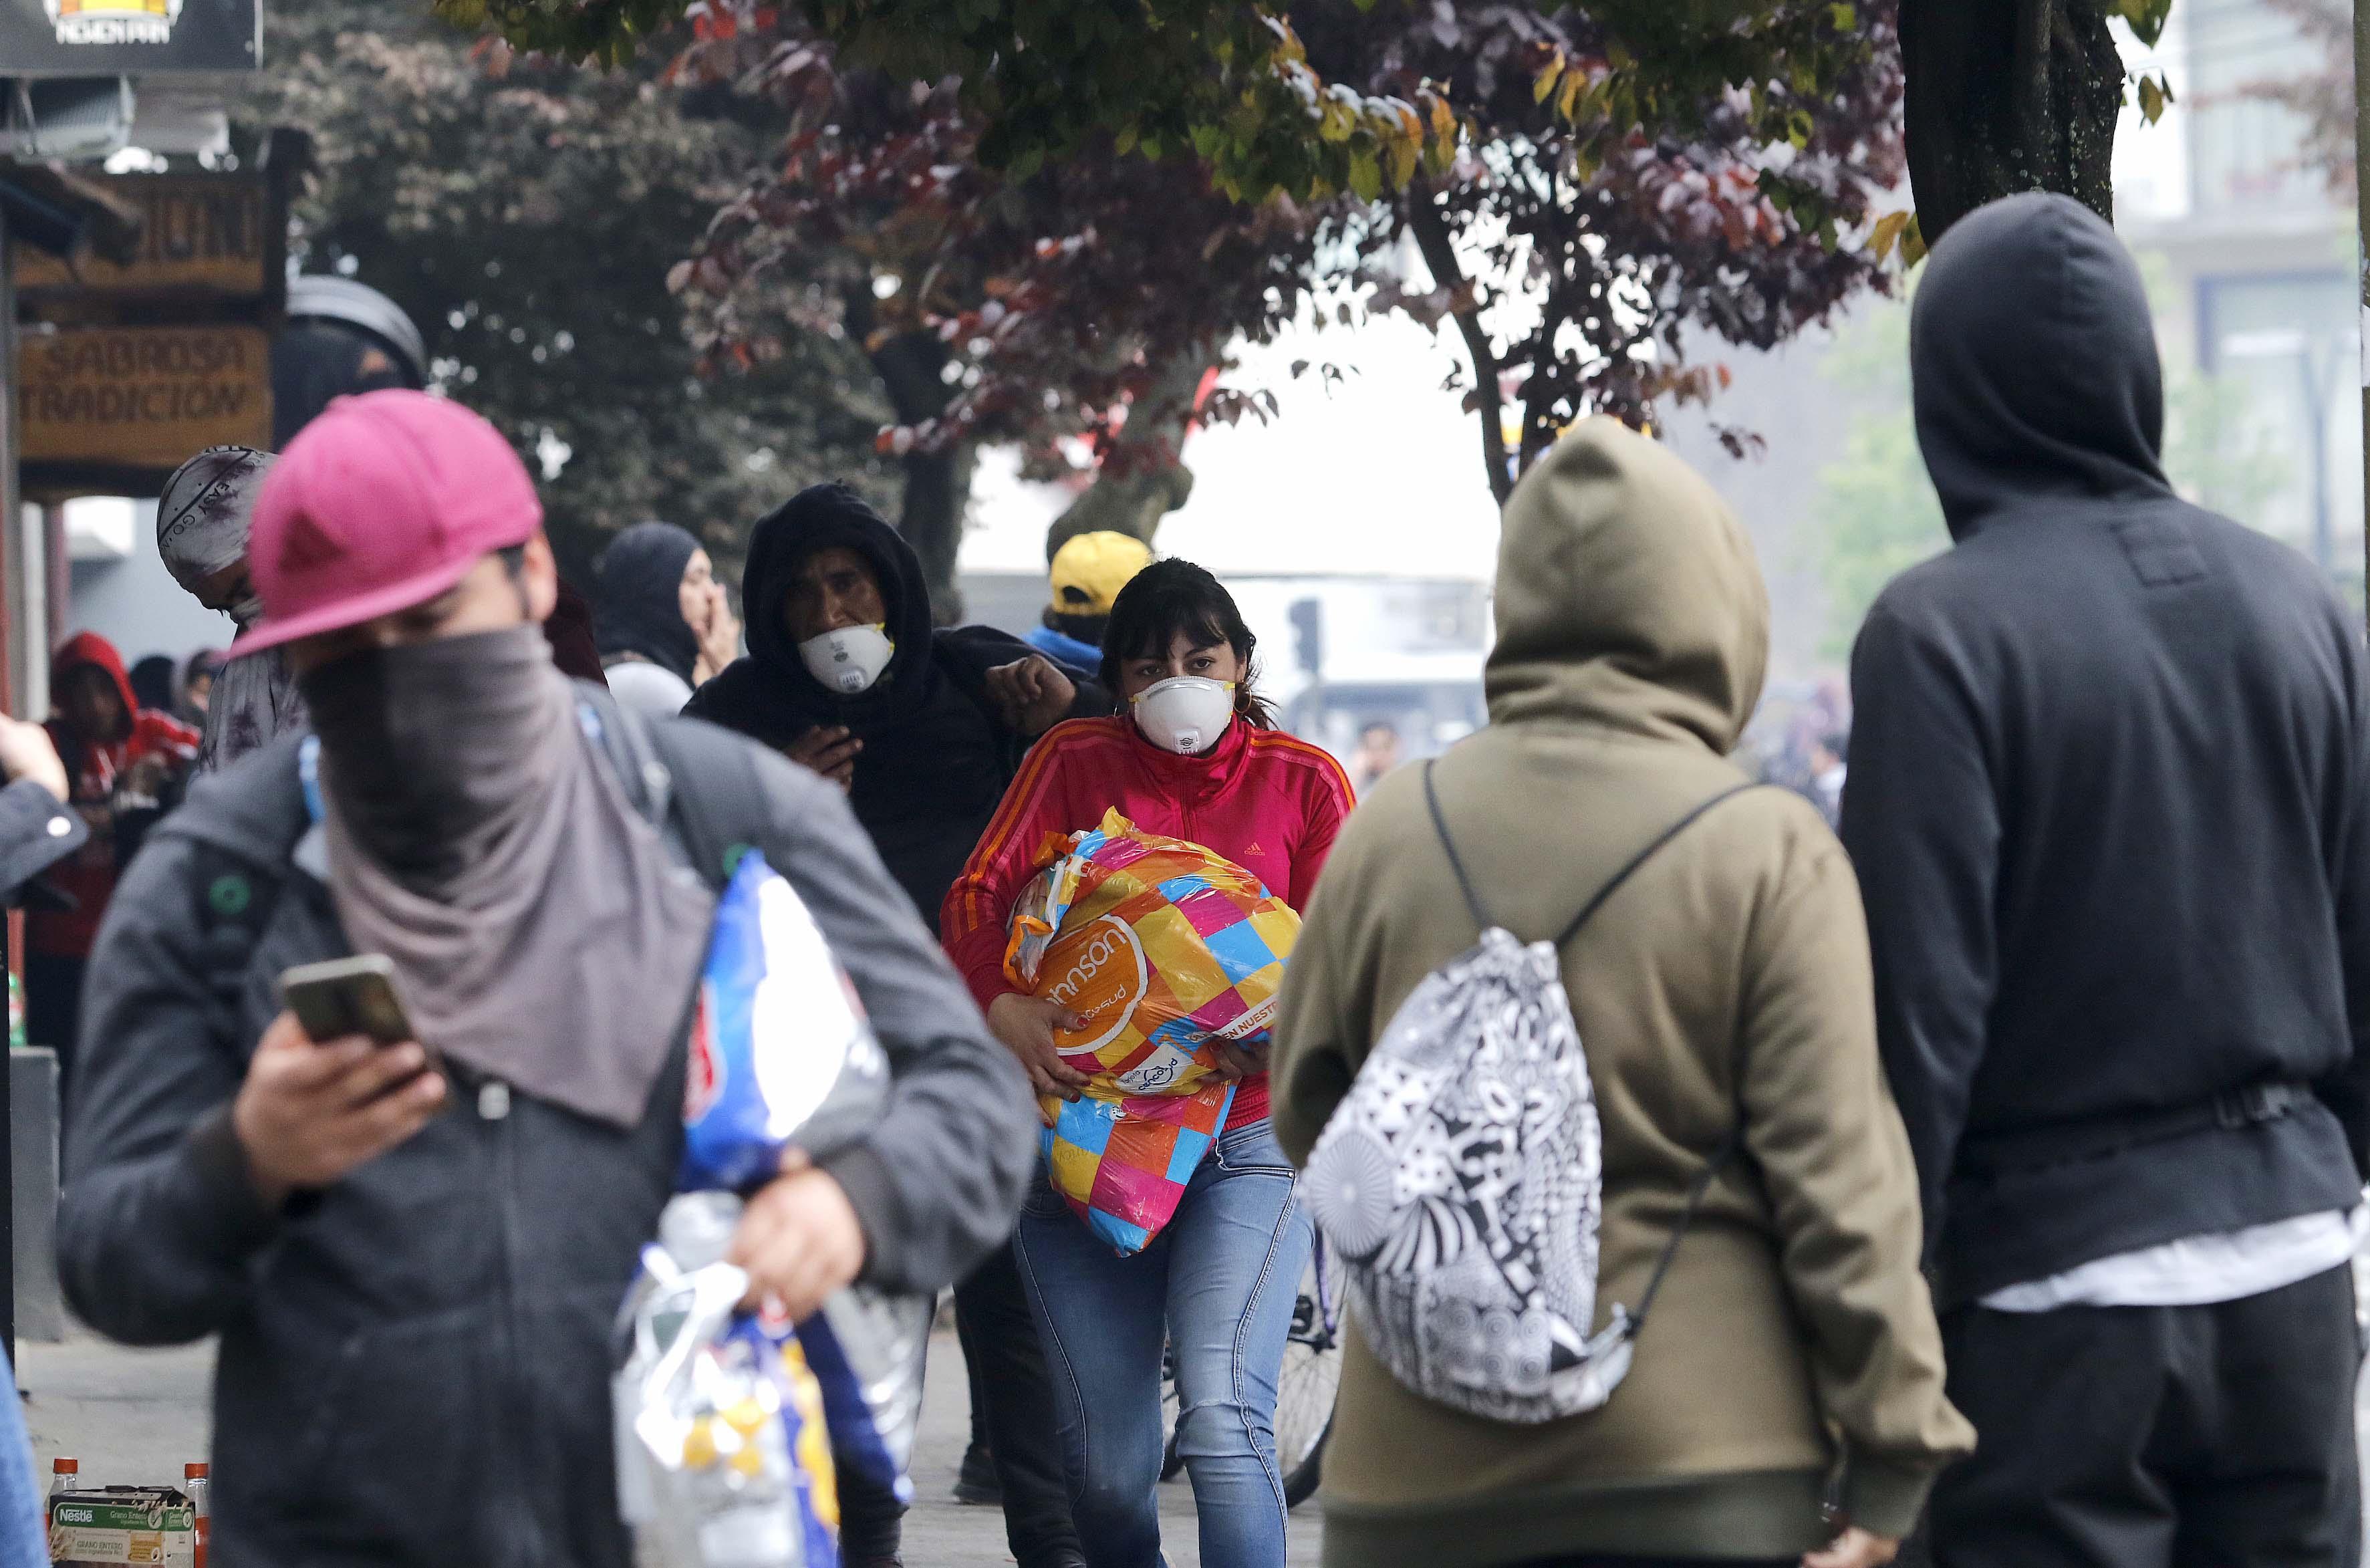 Casi 400 detenidos suma la patrulla antisaqueos en Concepción - Diario Concepción